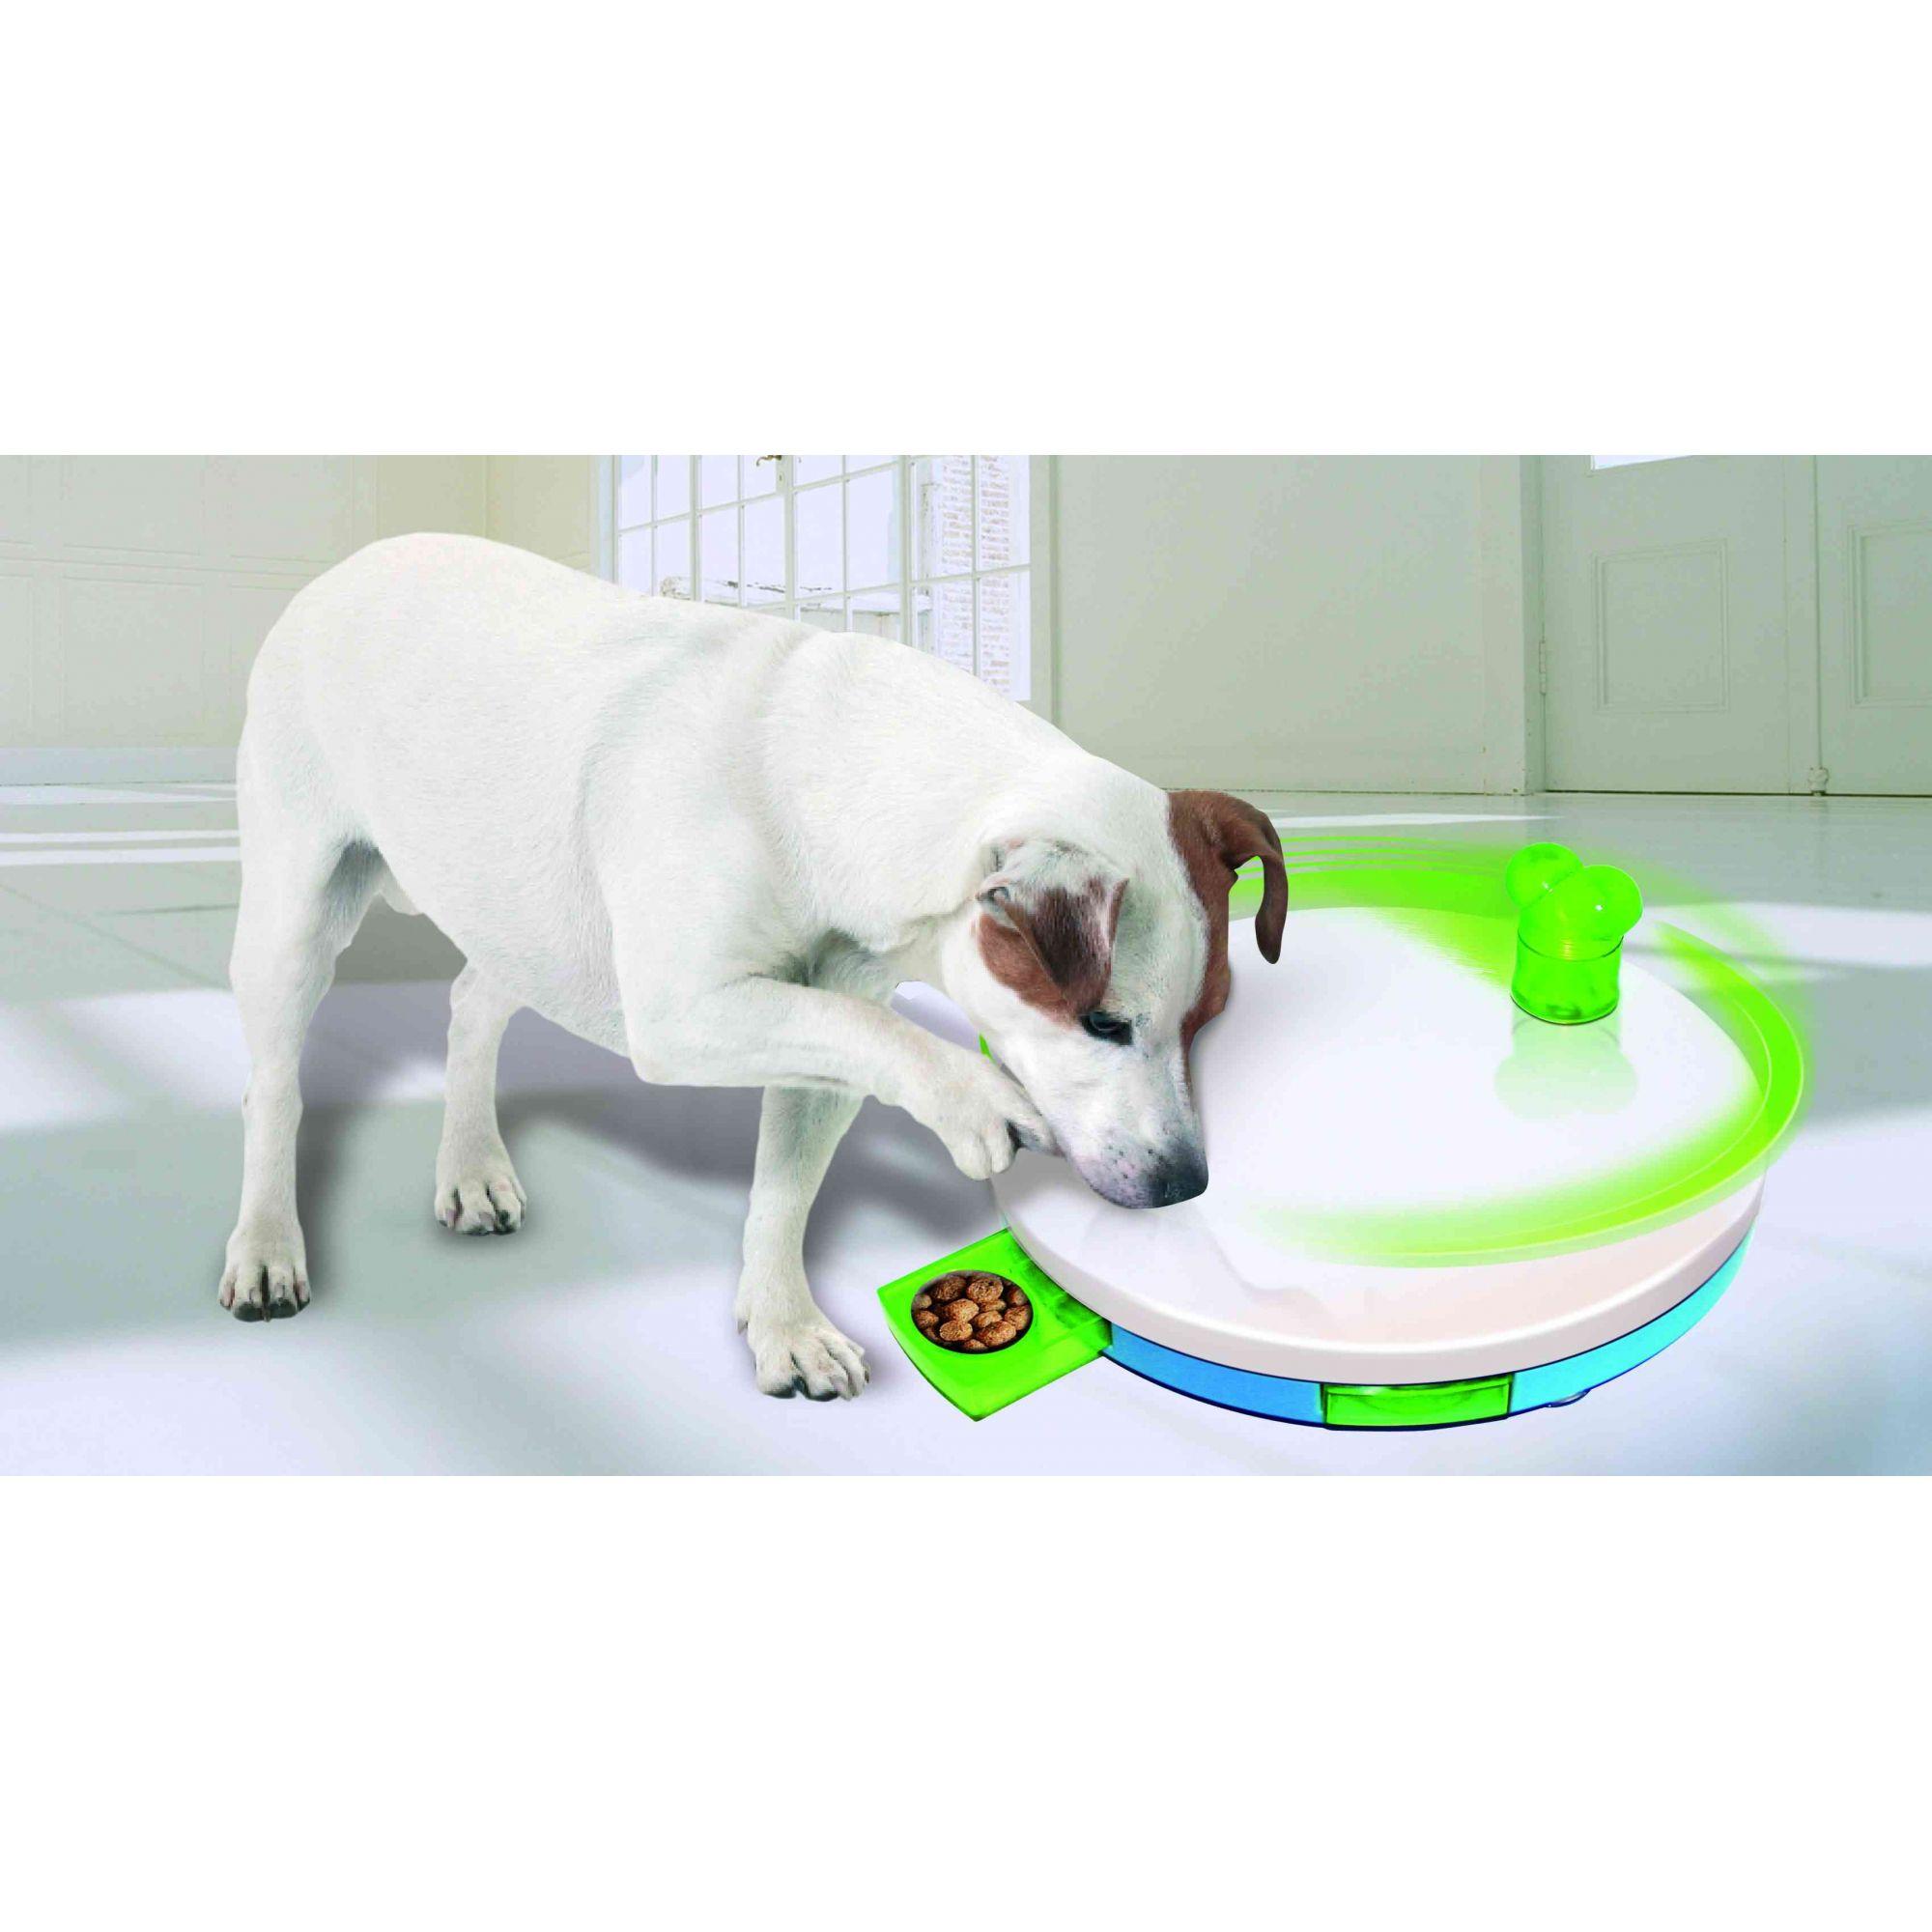 Brinquedo Interativo Para Cachorro Petisco Pawise